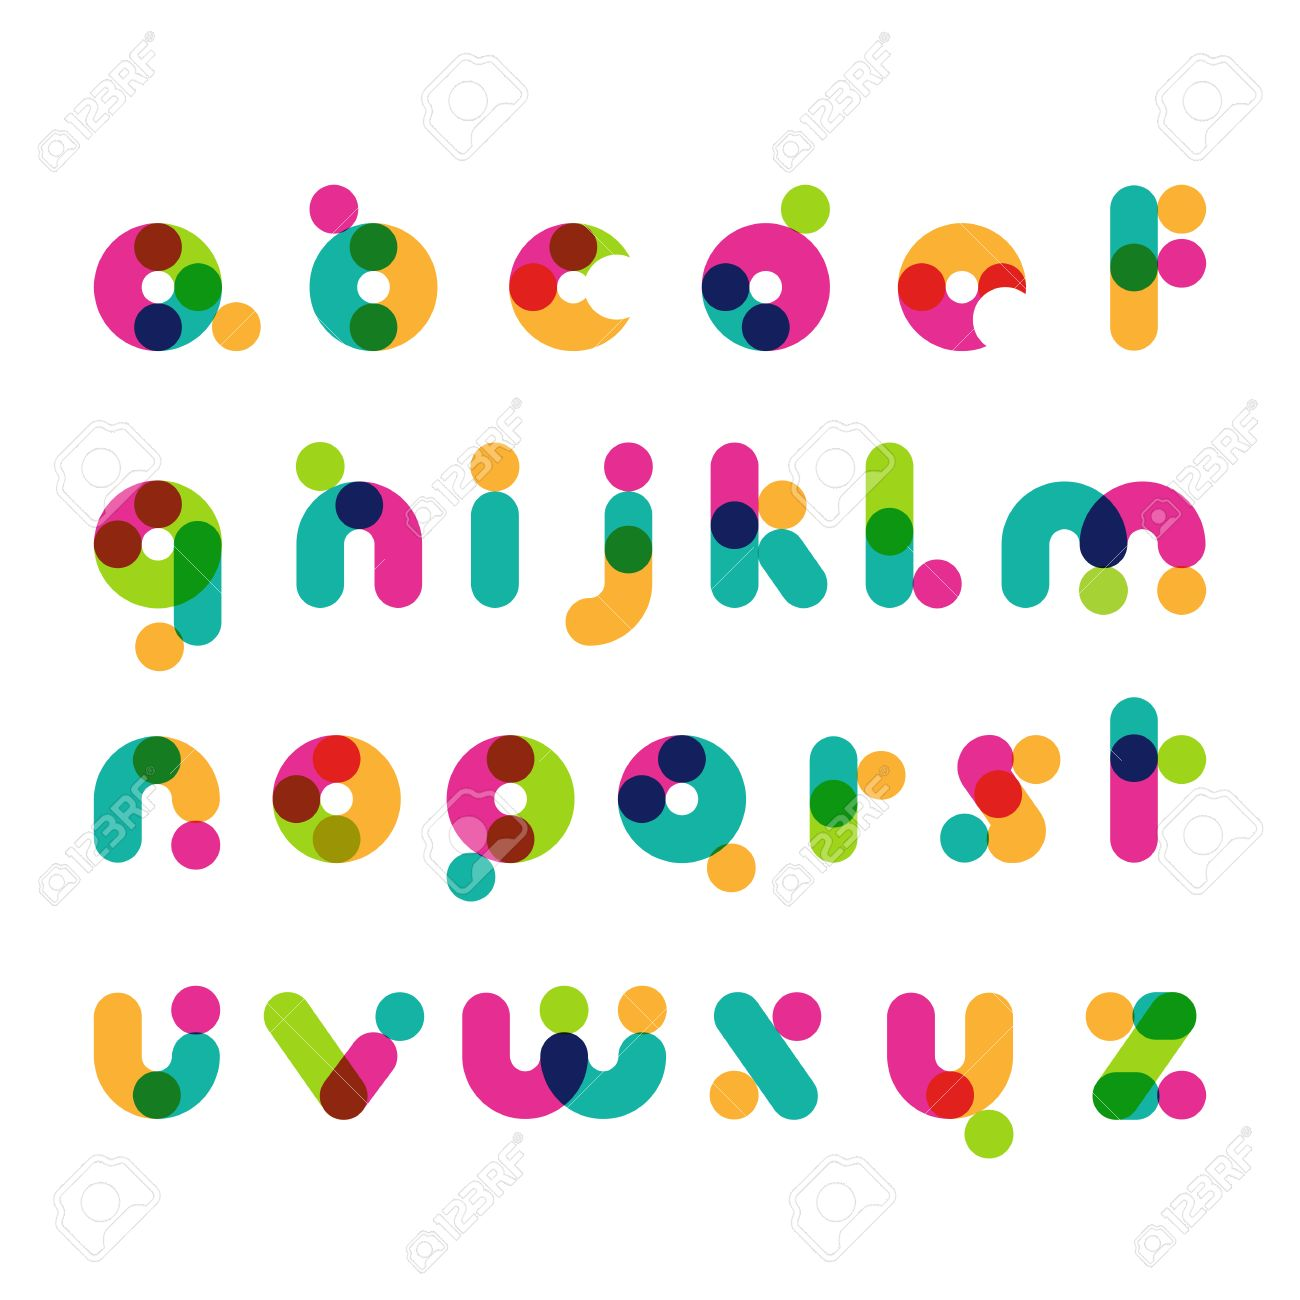 coloridos smbolos de fuentes modernas redondas alfabeto decorativo amrica vector logo plantilla de diseo